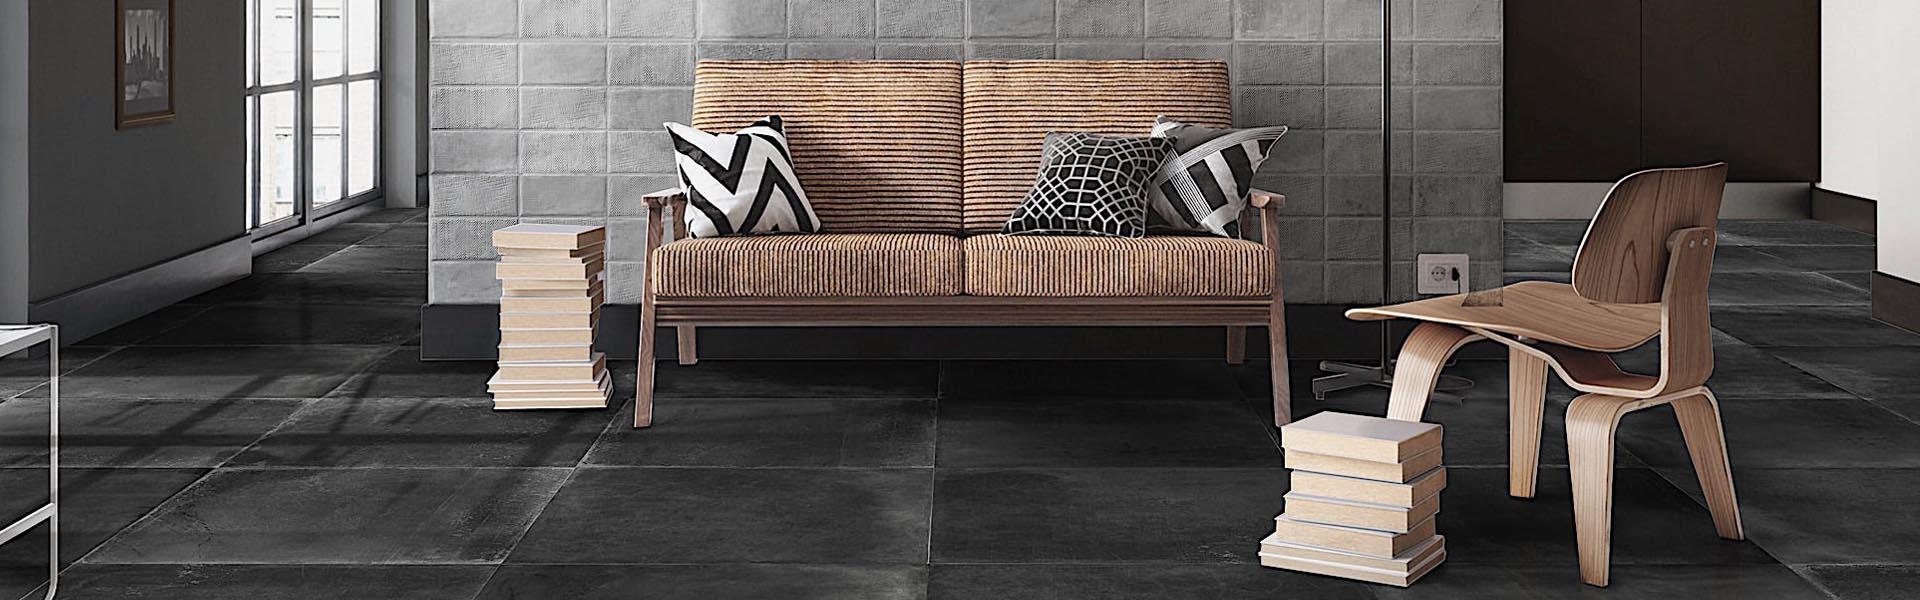 piastrelle-floorplus-spc-brescia-pavimenti-resilienti-2